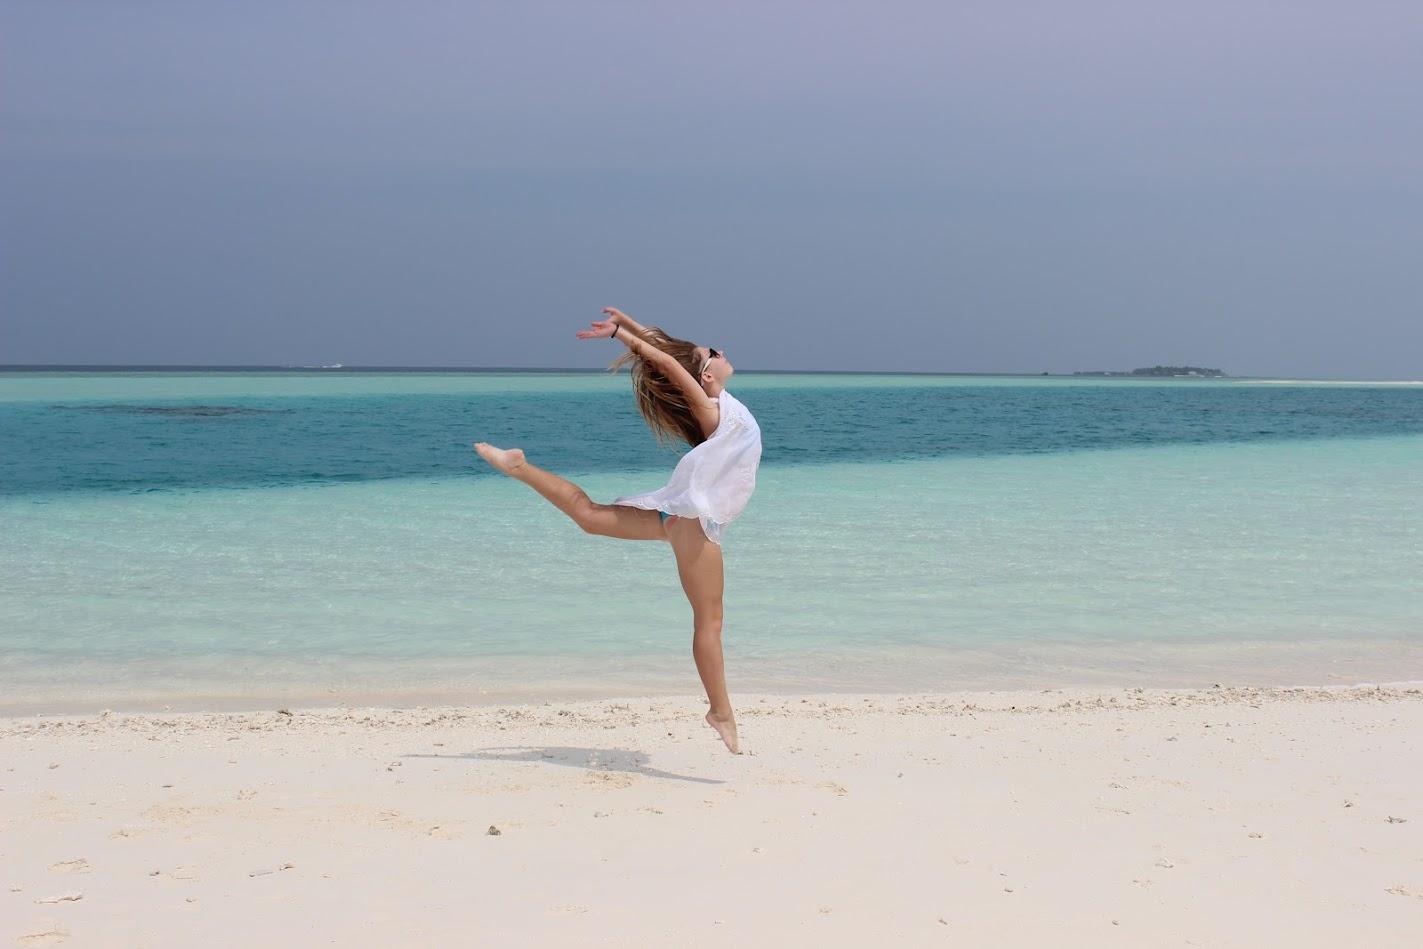 девочка на мальдивах на необитаемом острове